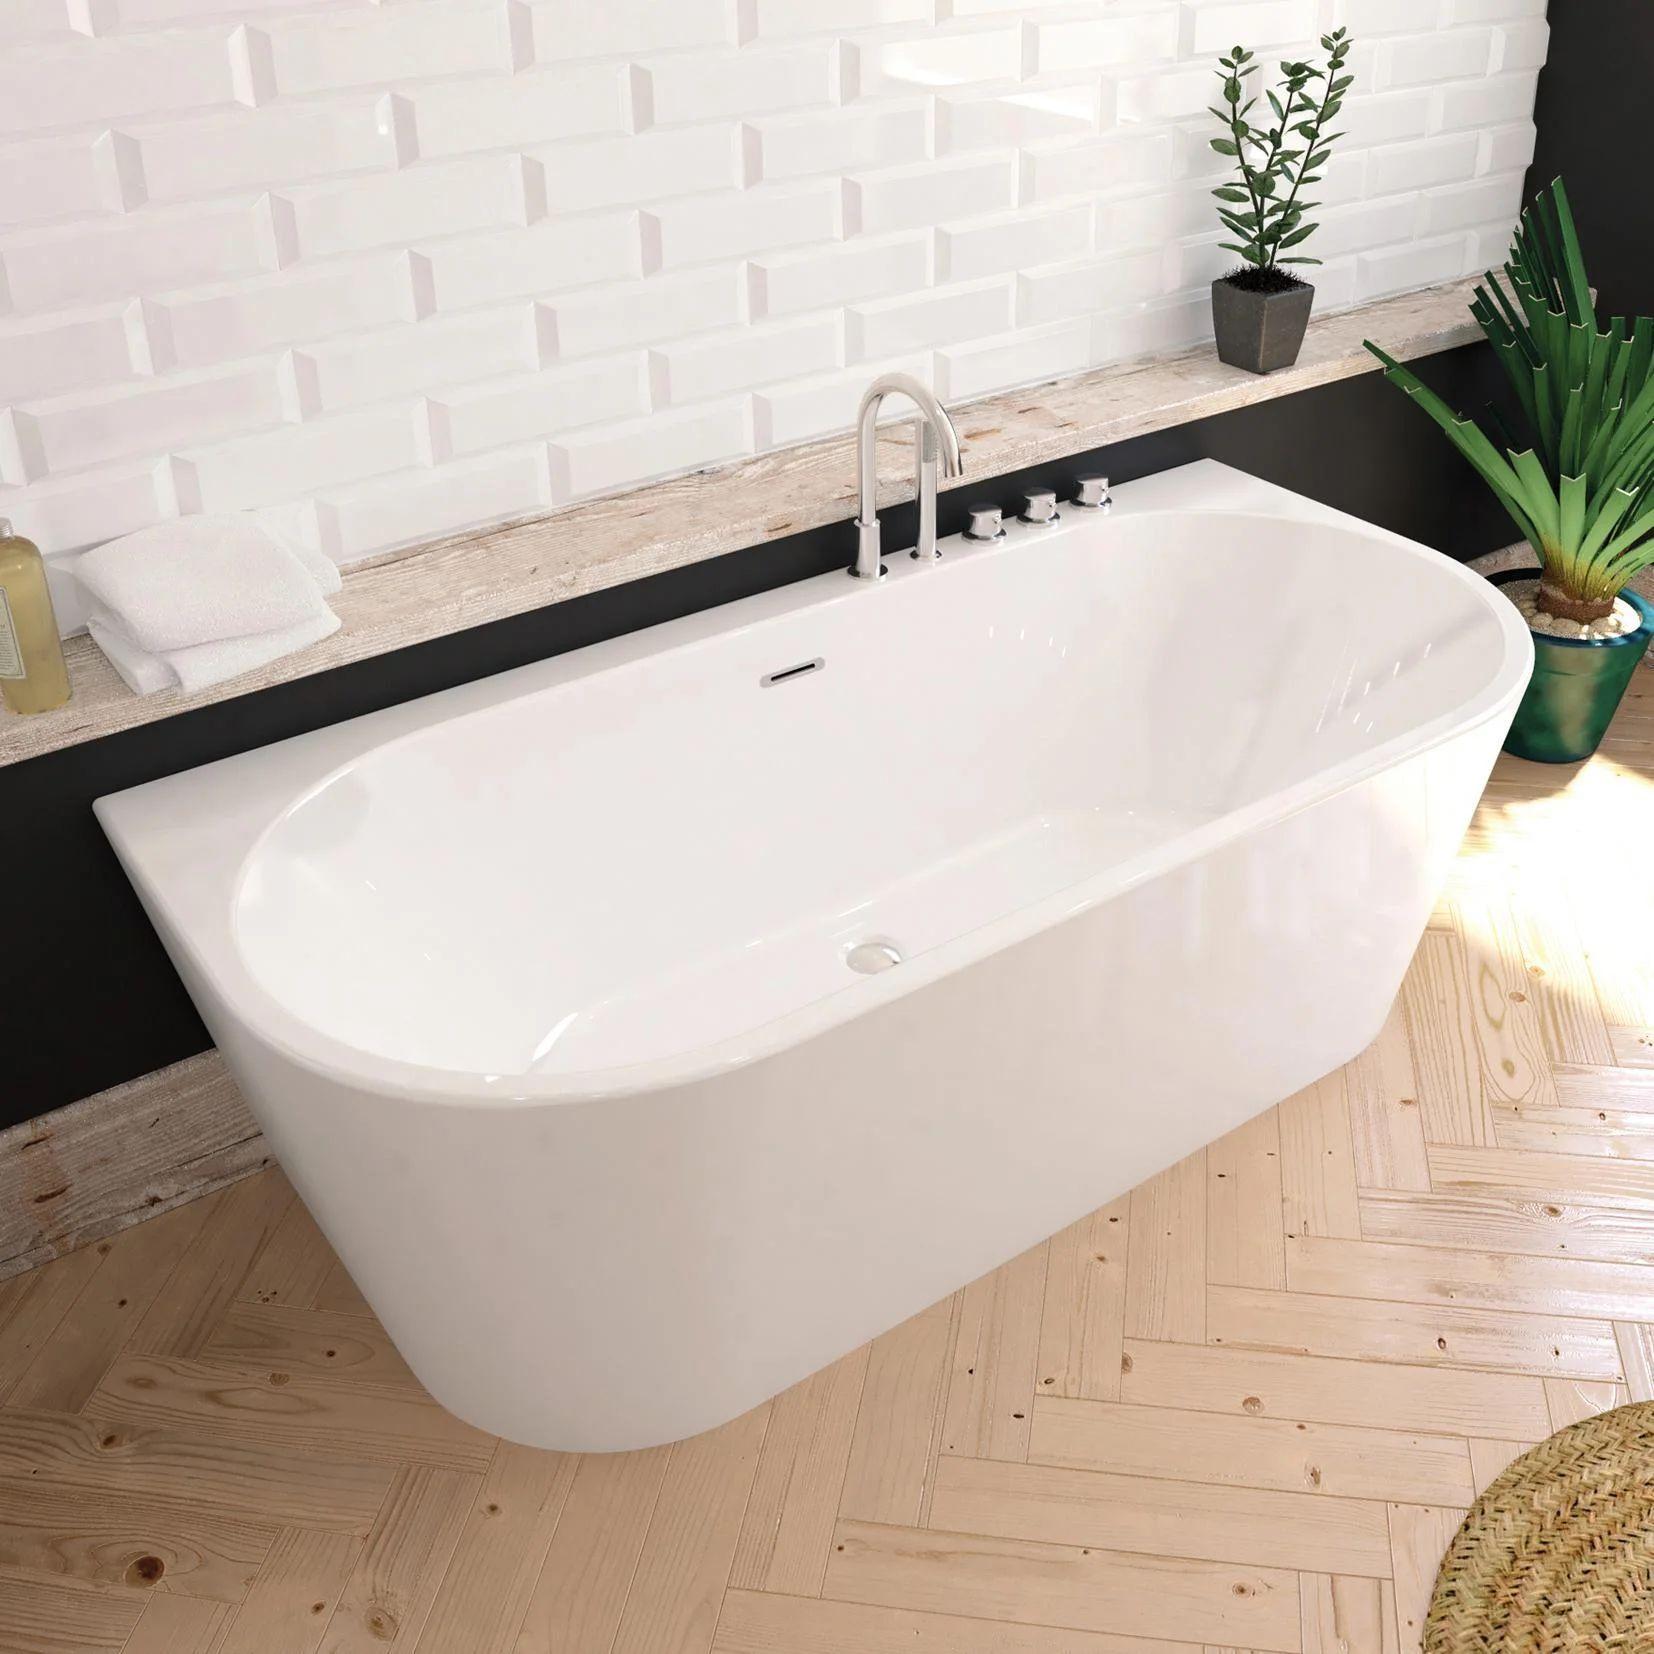 In bagno, però, solitamente le tende vengono messe perché esso è. Vasca Rettangolare Torino Bianco 170 X 80 Cm Sanycces Leroy Merlin